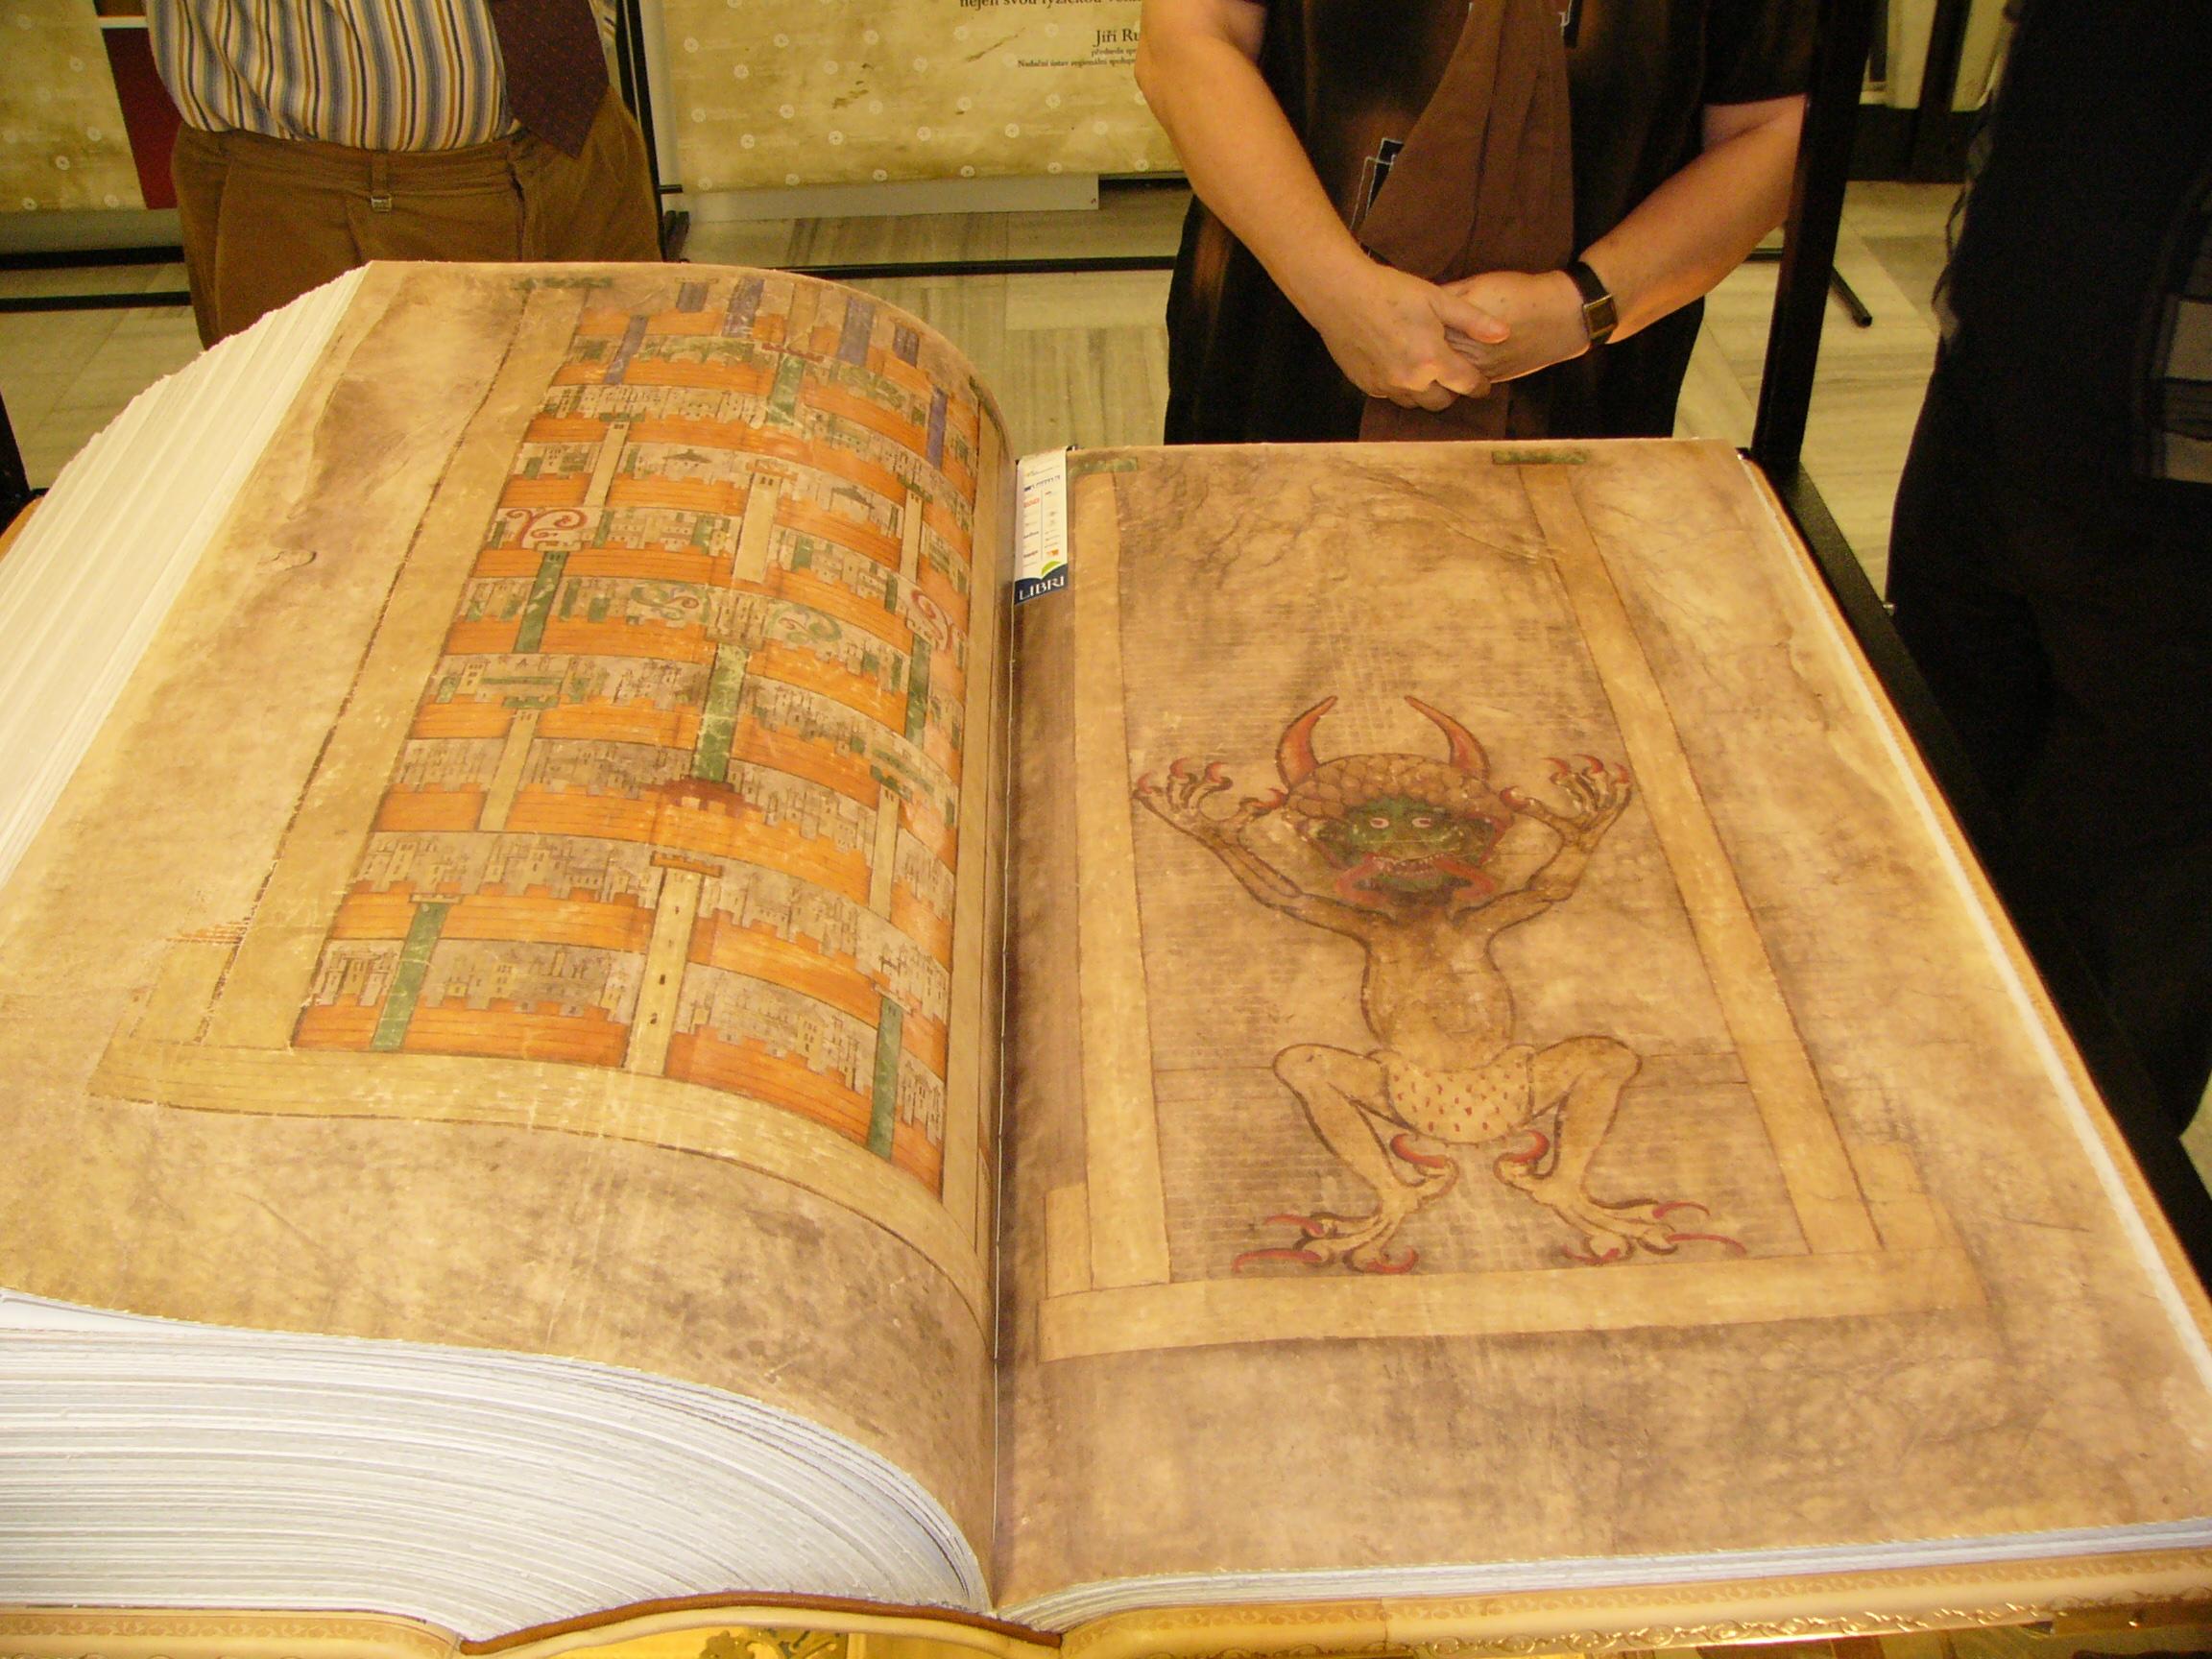 """Das """"Codex Gigas"""" mit dem Bild des Teufels"""